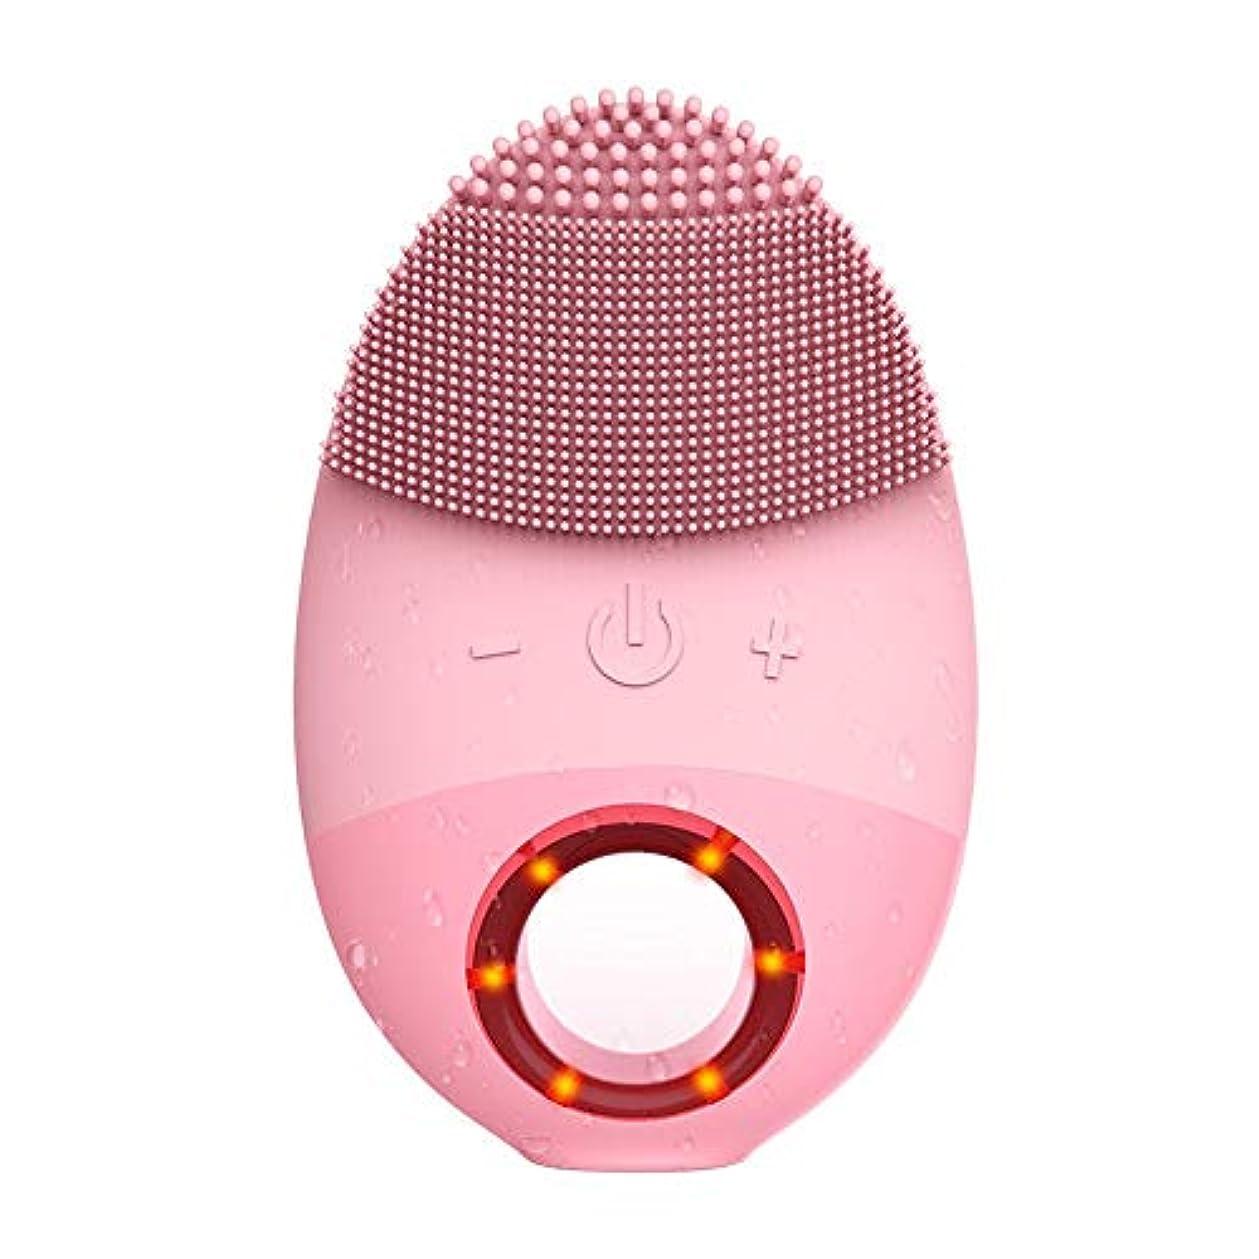 罪人ラッシュジャニスZXF 多機能シリコン防水洗浄ブラシ超音波振動洗浄器具美容器具マッサージ器具洗浄器具 滑らかである (色 : Pink)